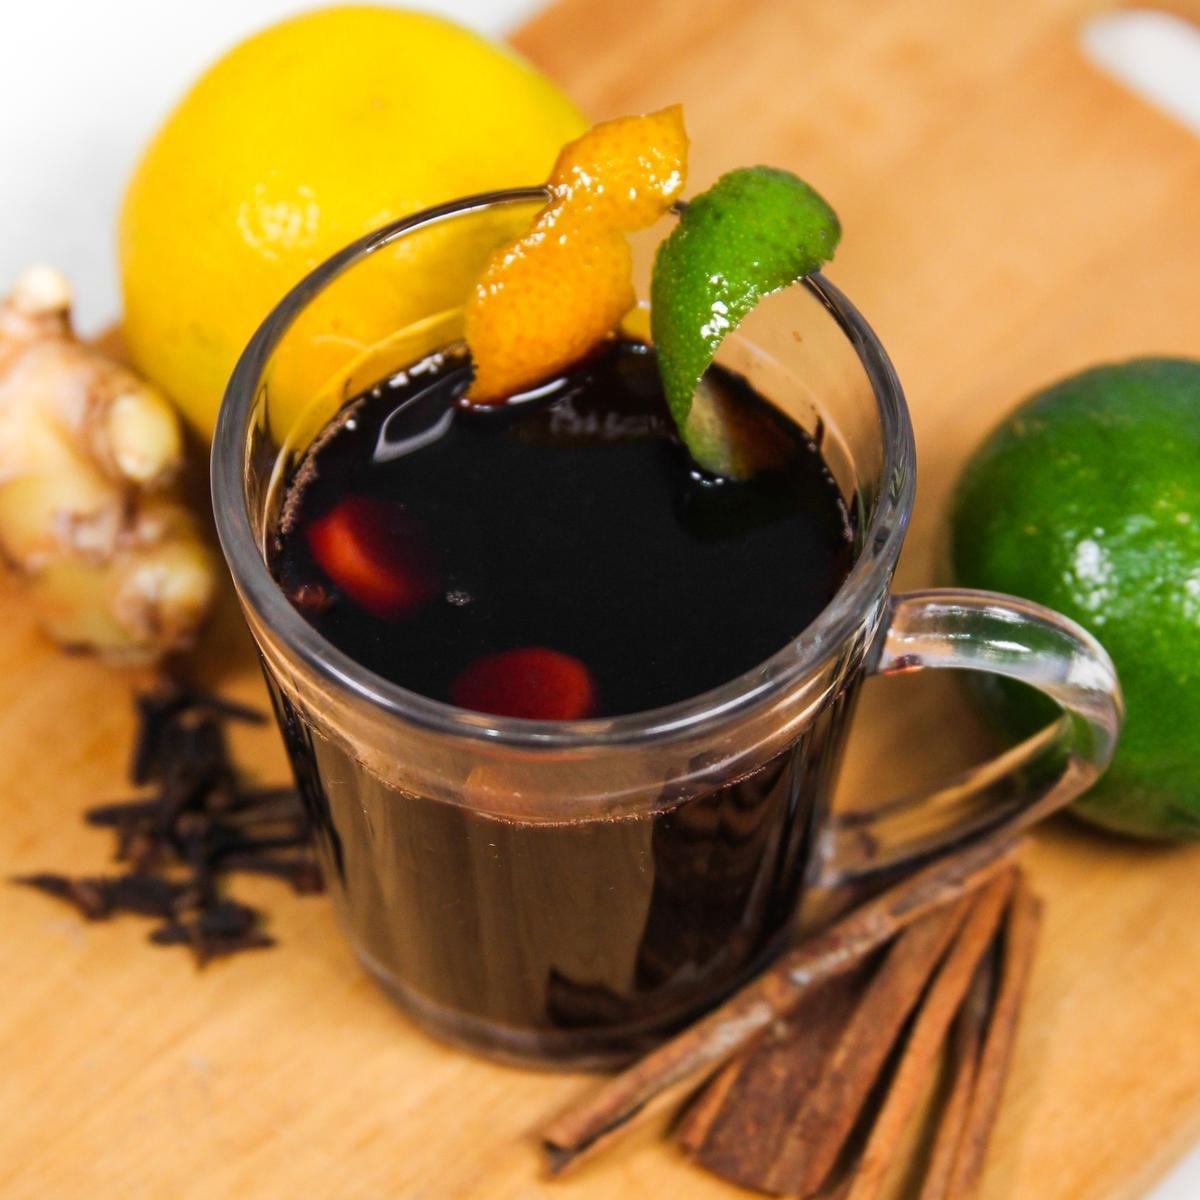 Xícara com quentão de vinho sobre uma tábua de madeira